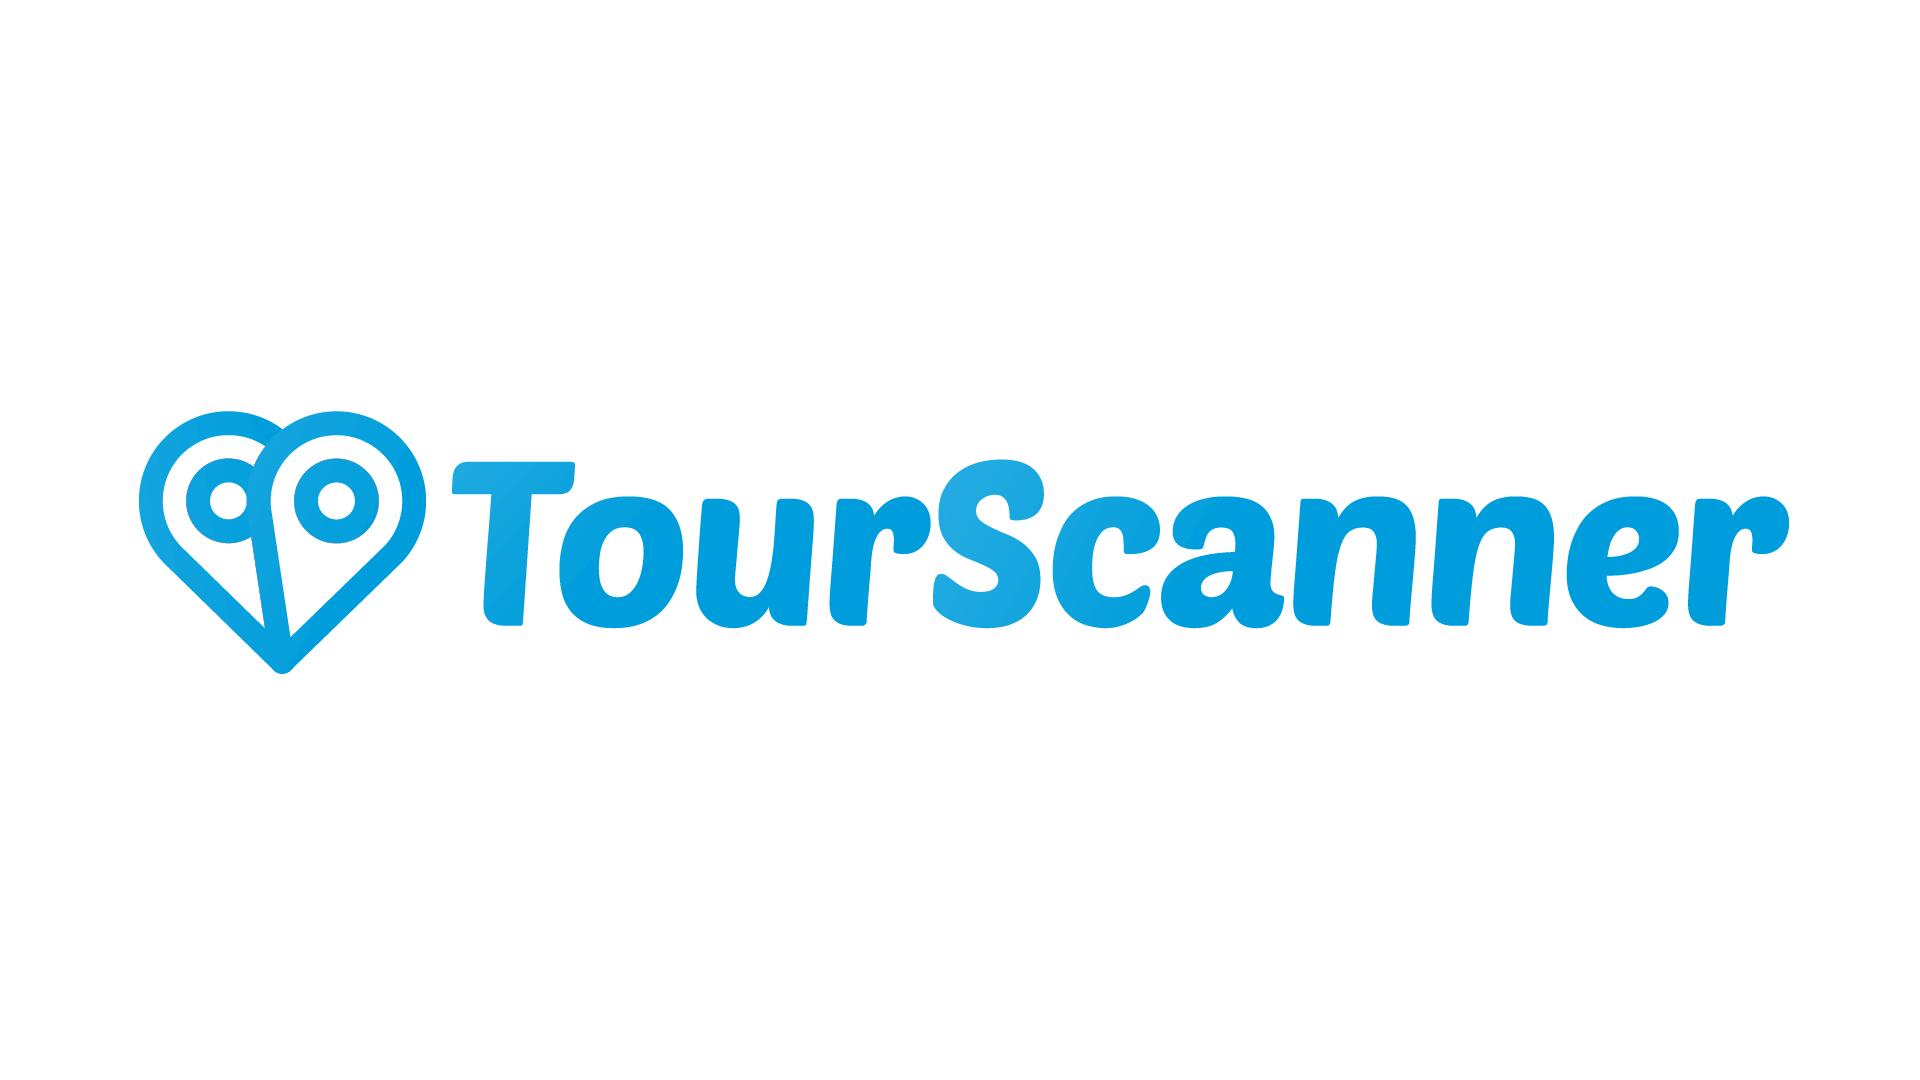 Tourscanner_full-01